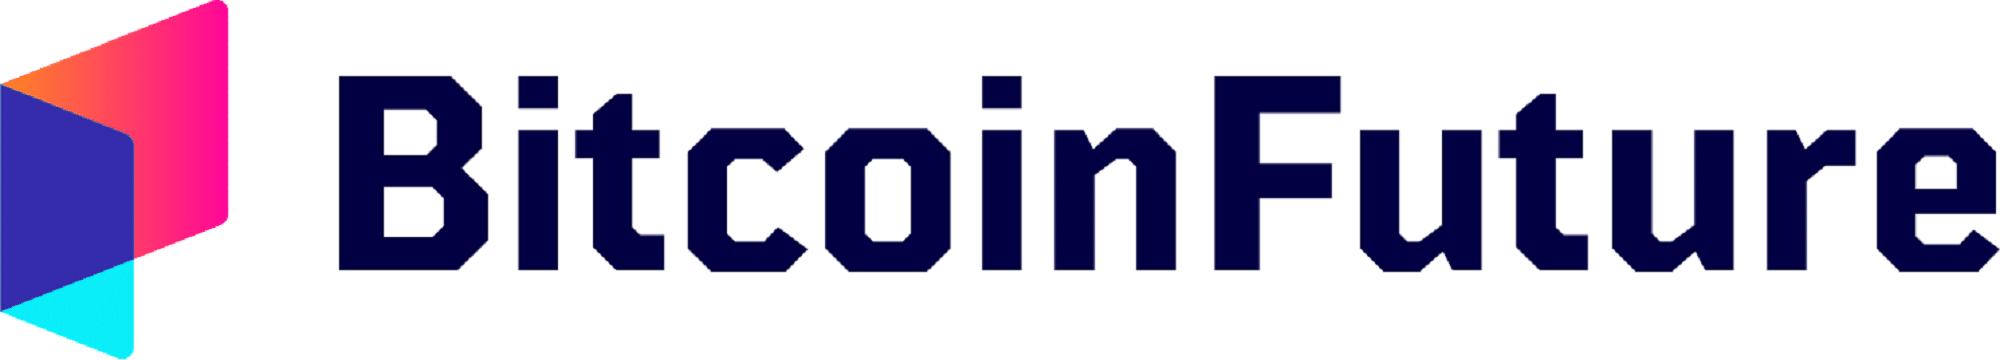 mennyit lehet keresni a bitcoinokon 2020)